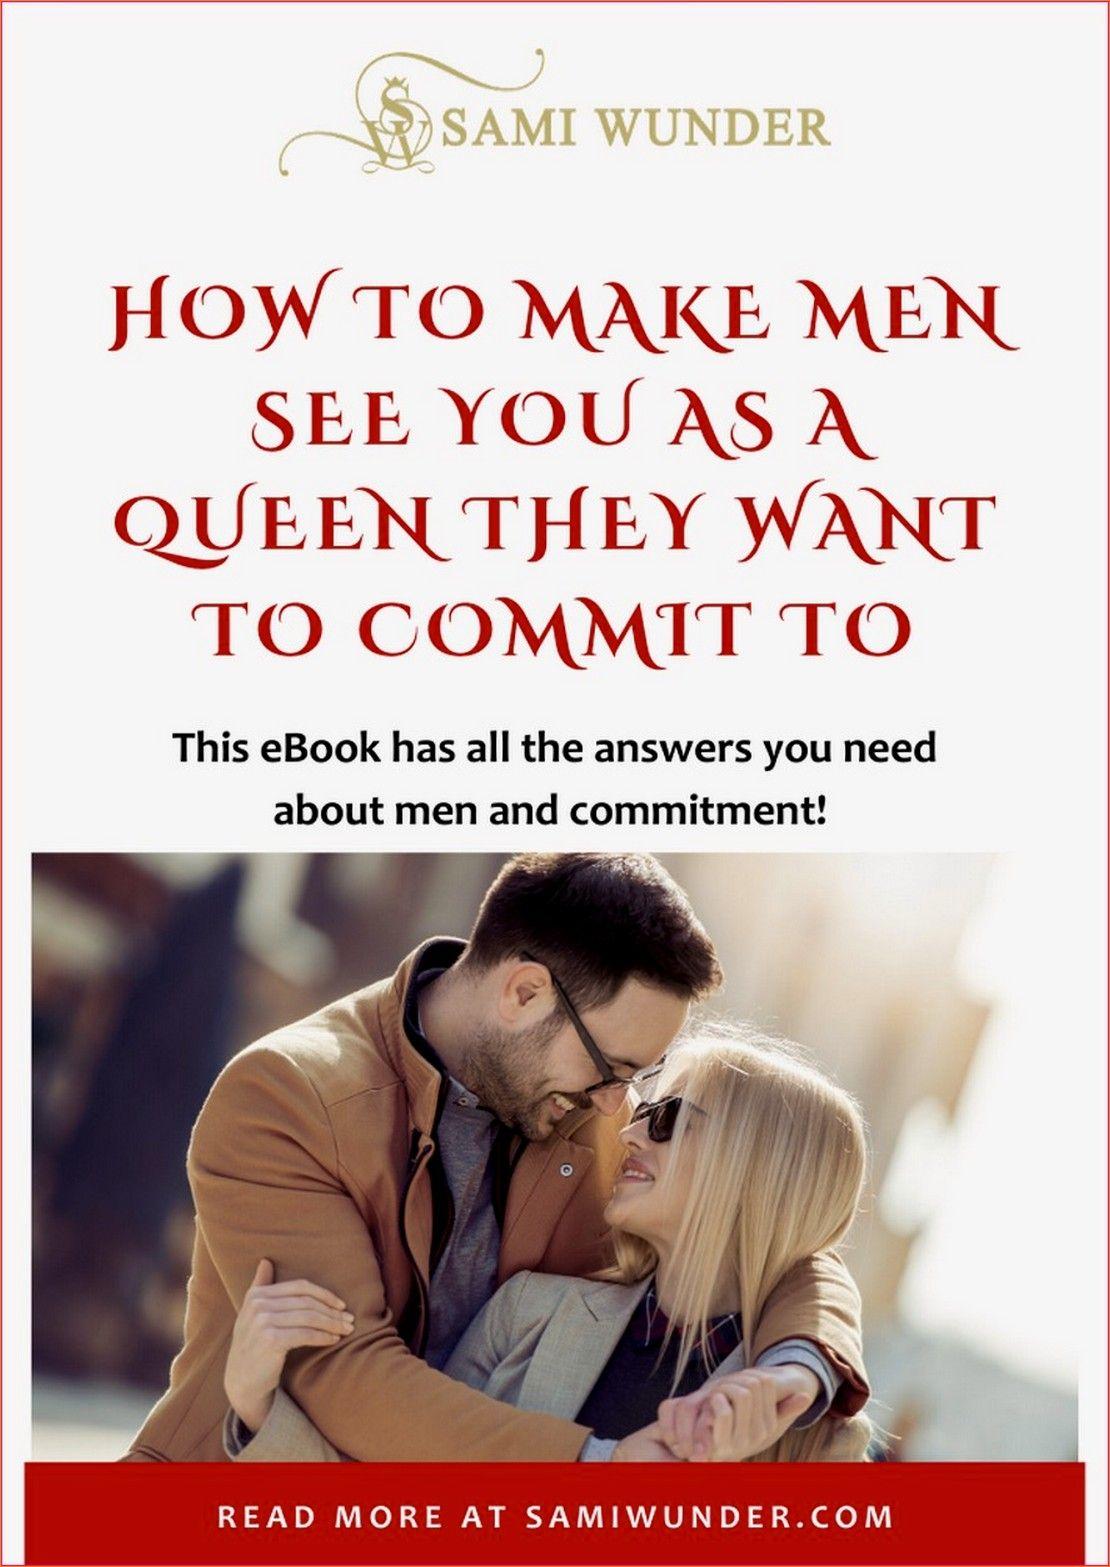 5323916ef361d767bb6f335ec4c7af8e - How To Get The Attention Of An Older Man